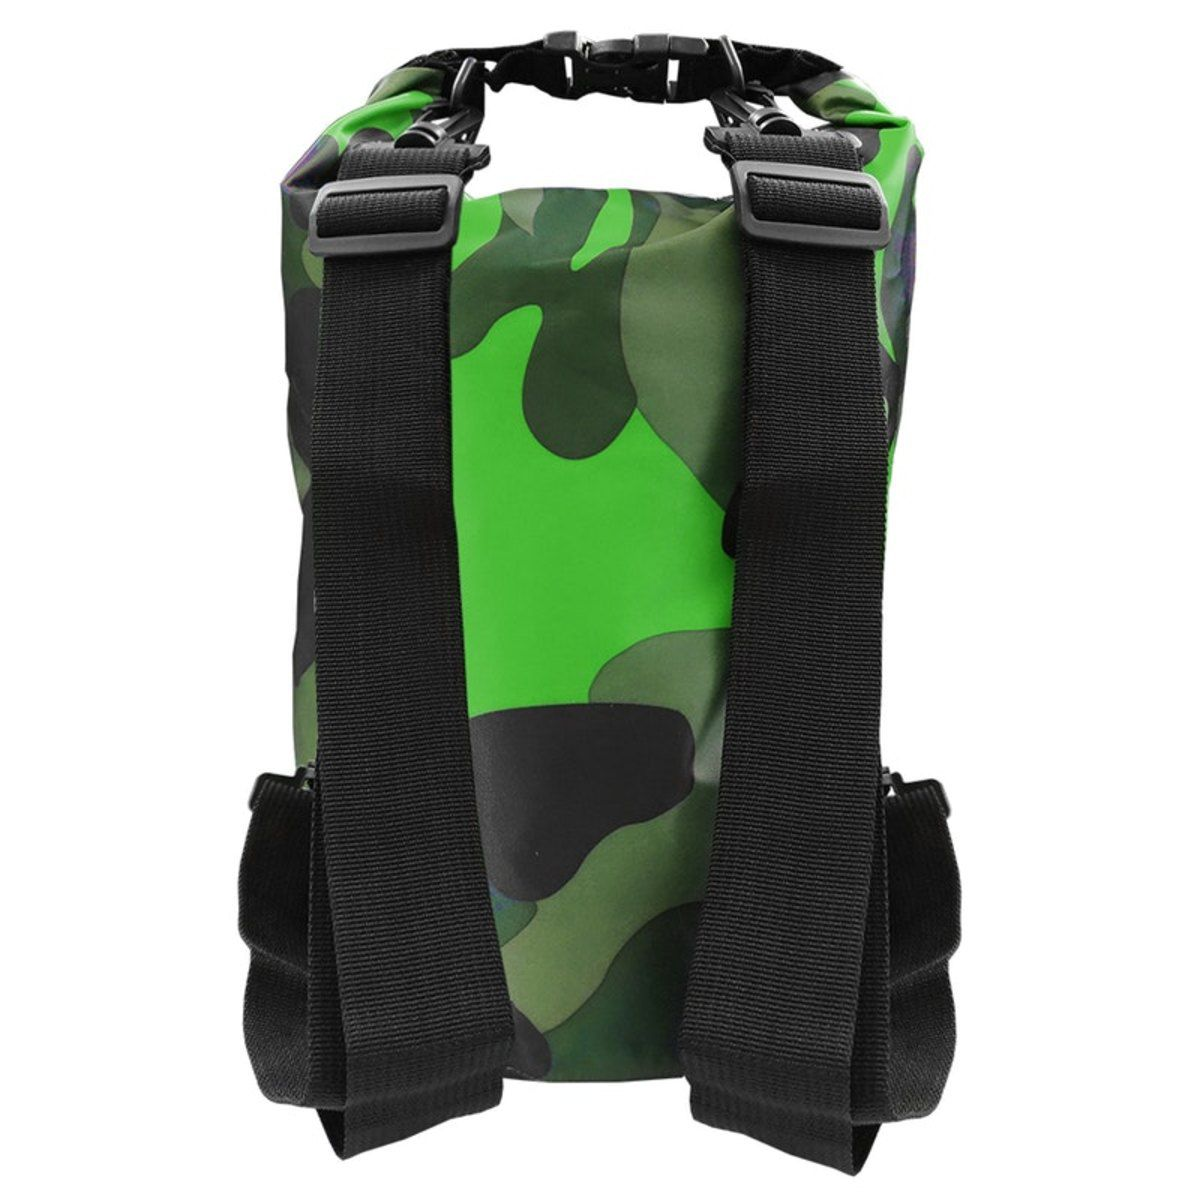 Bolsa Impermeável Albatroz Camp Bag Camuflada Verde 20 Litros